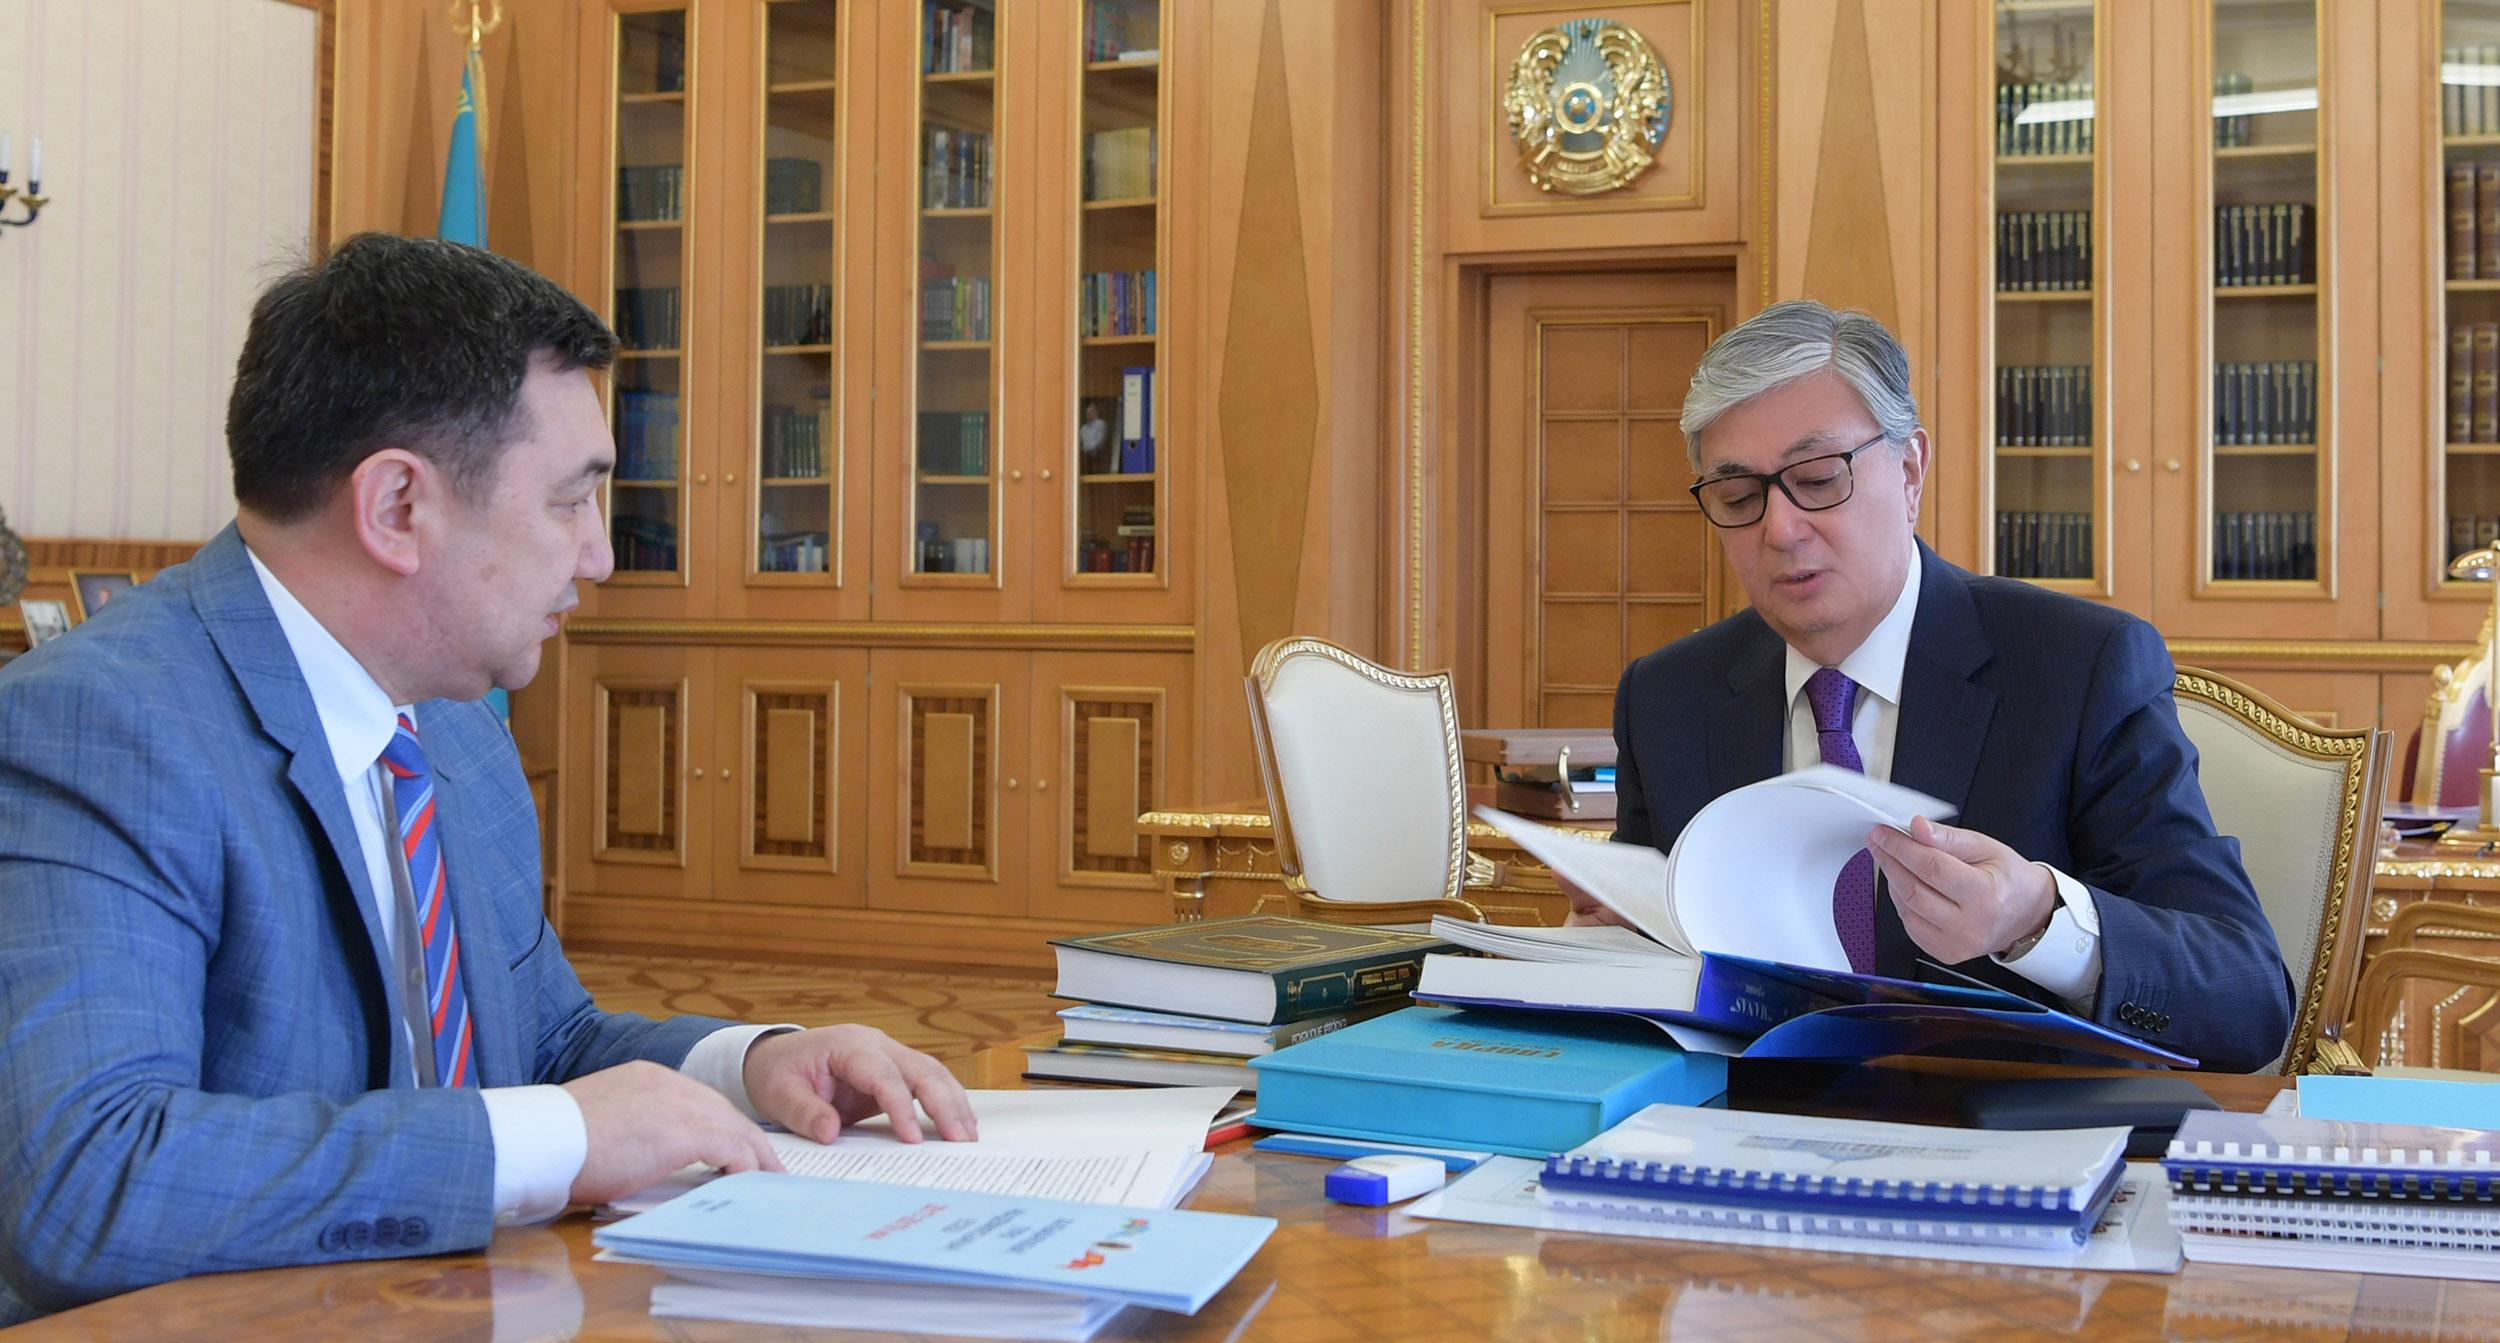 Дархан Кыдырали рассказал Касым-Жомарту Токаеву о ходе подготовки к международному форуму под эгидой ЮНЕСКО